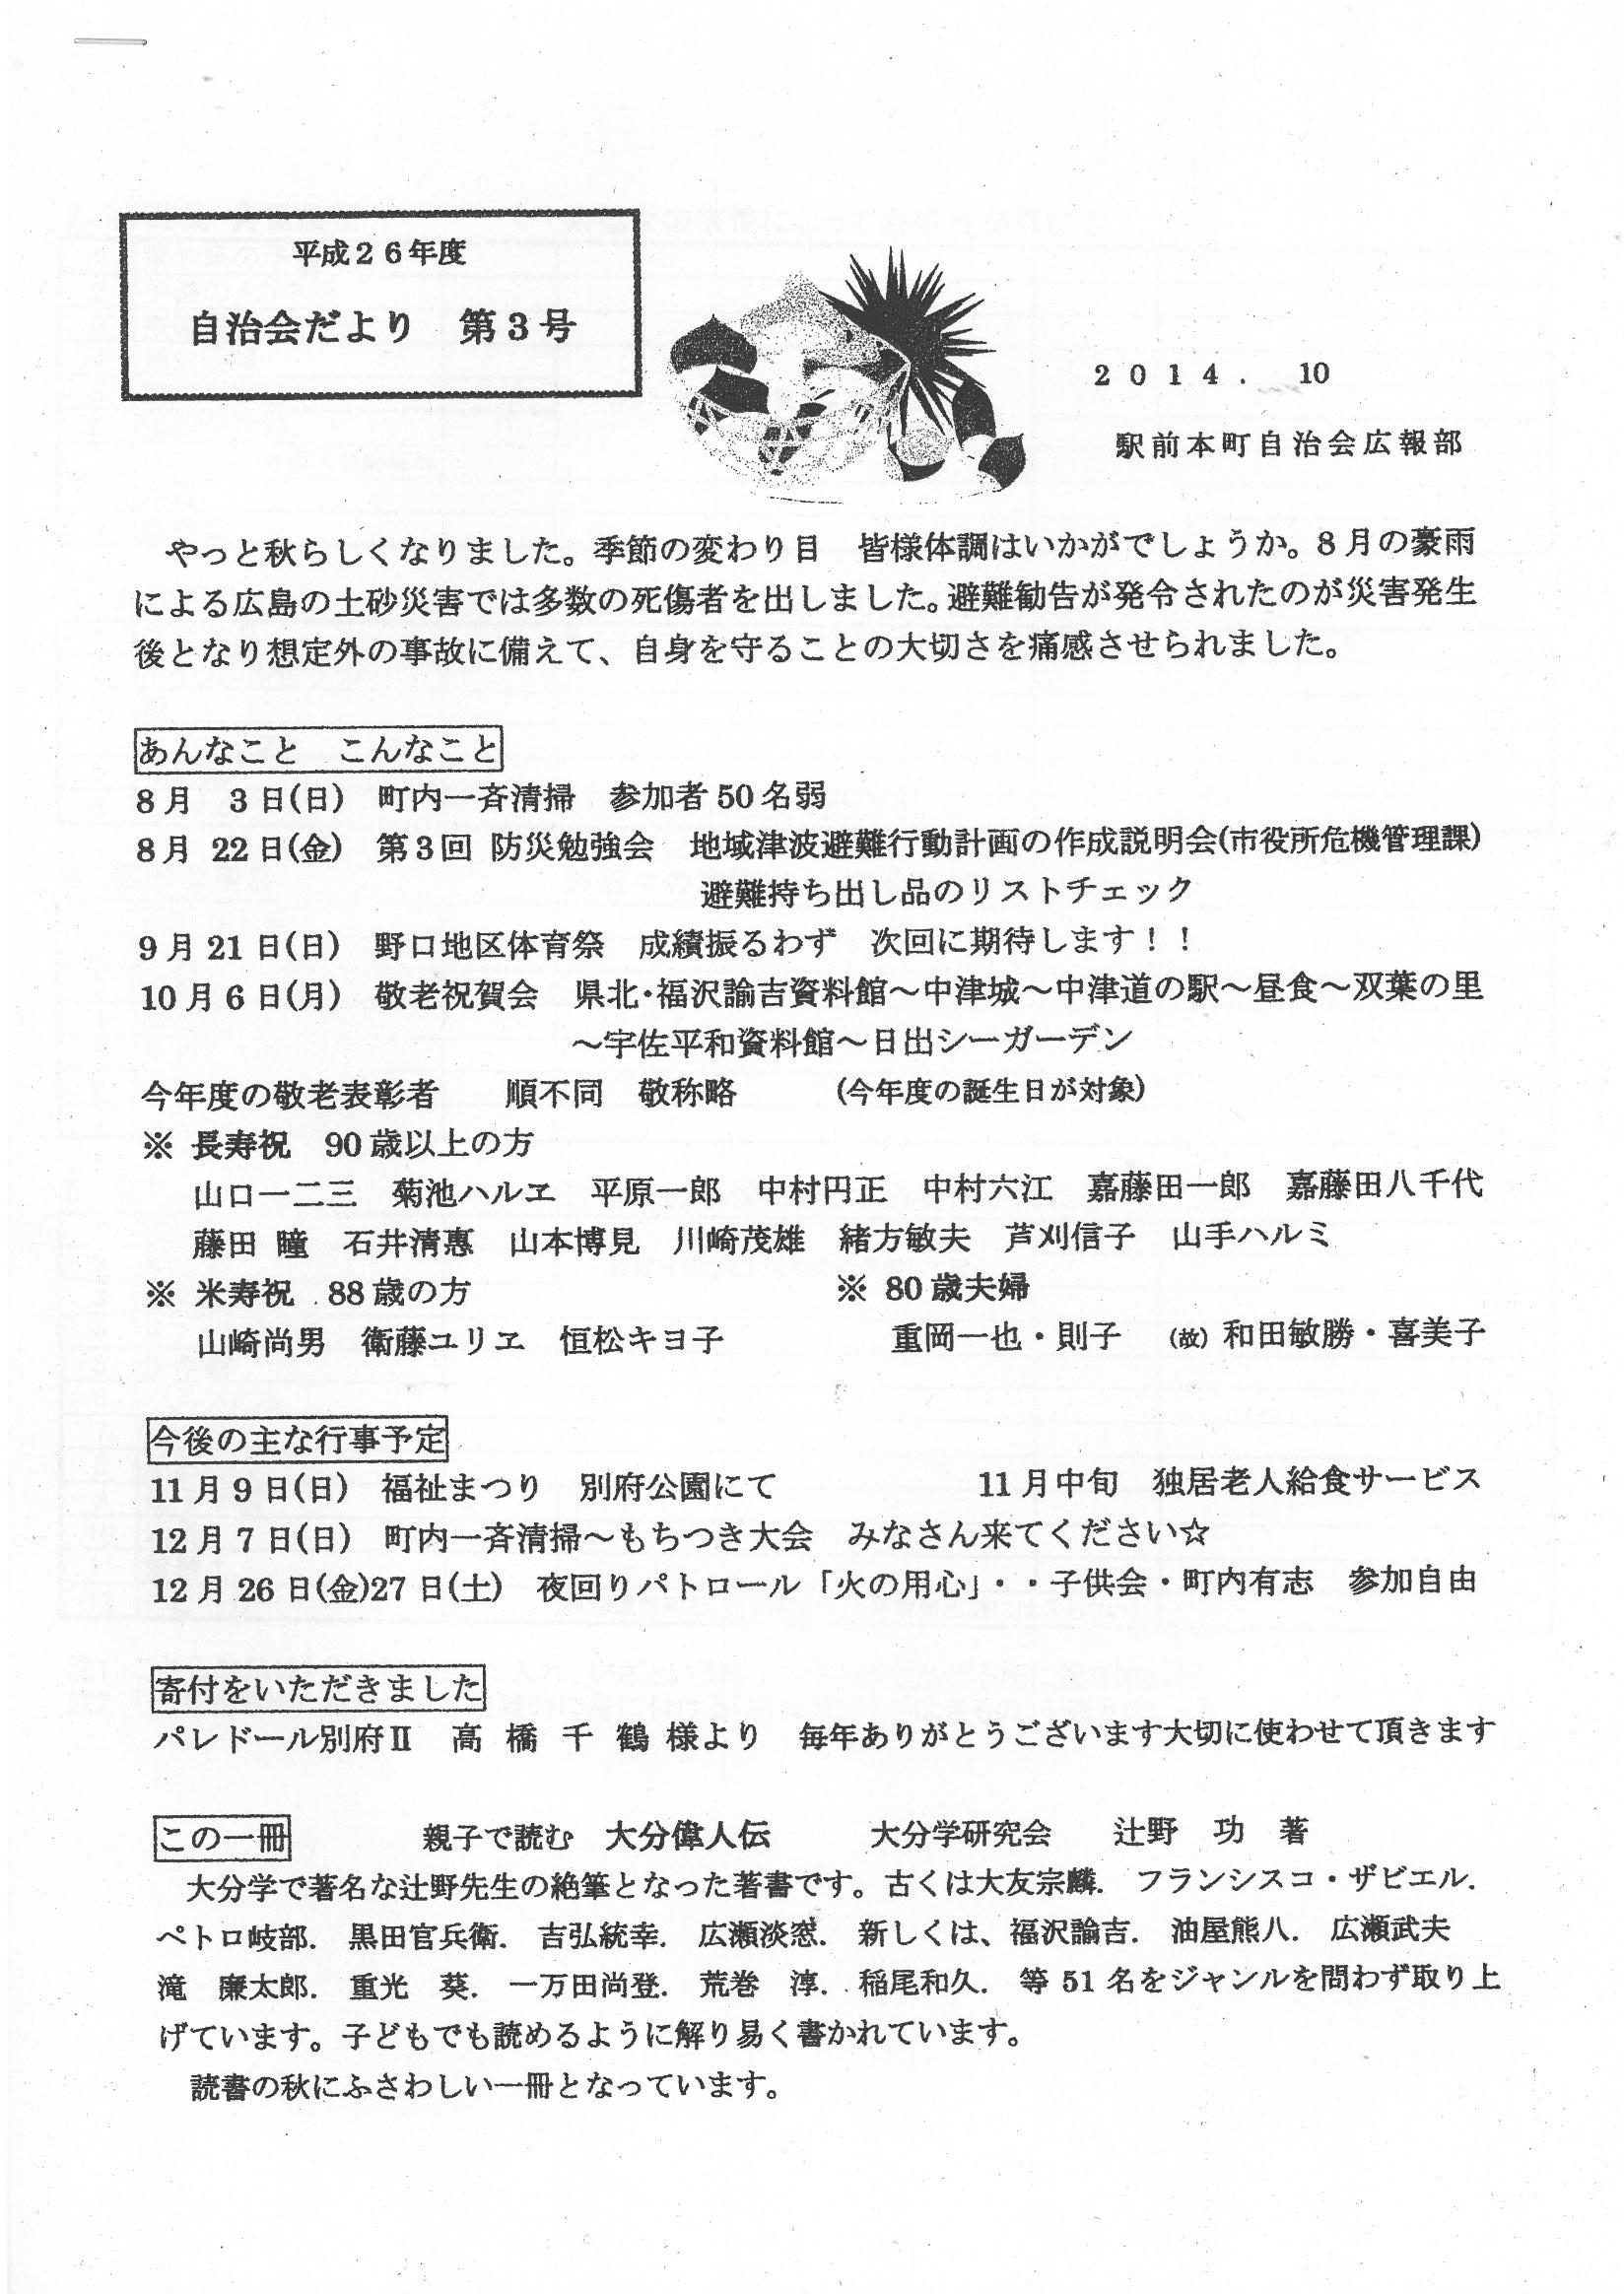 ekimaehonmachi2014_10